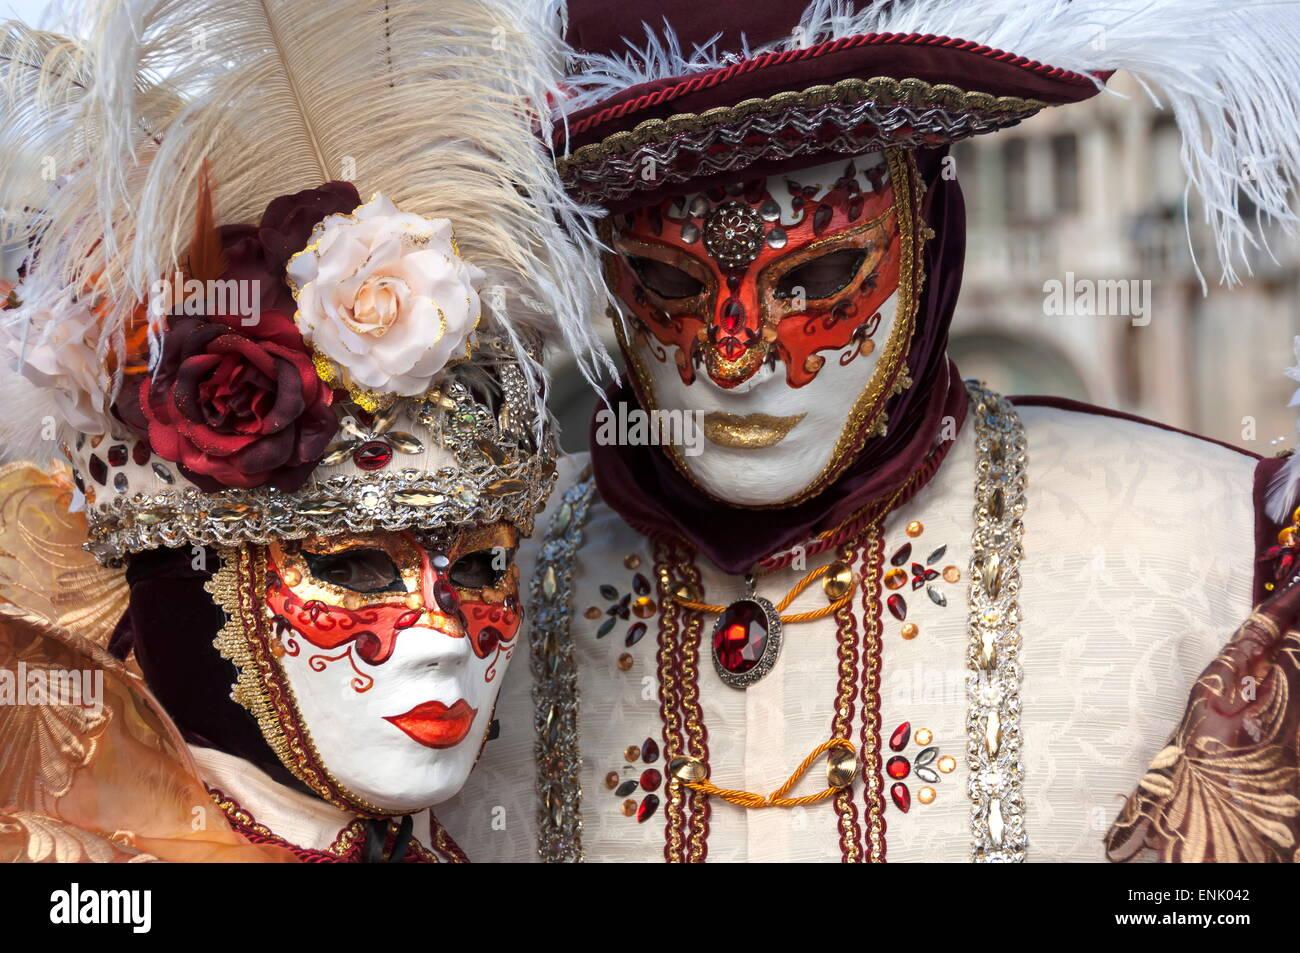 Señora y caballero en rojo y blanco, máscaras de carnaval de Venecia, Venecia, Véneto, Italia, Europa Imagen De Stock